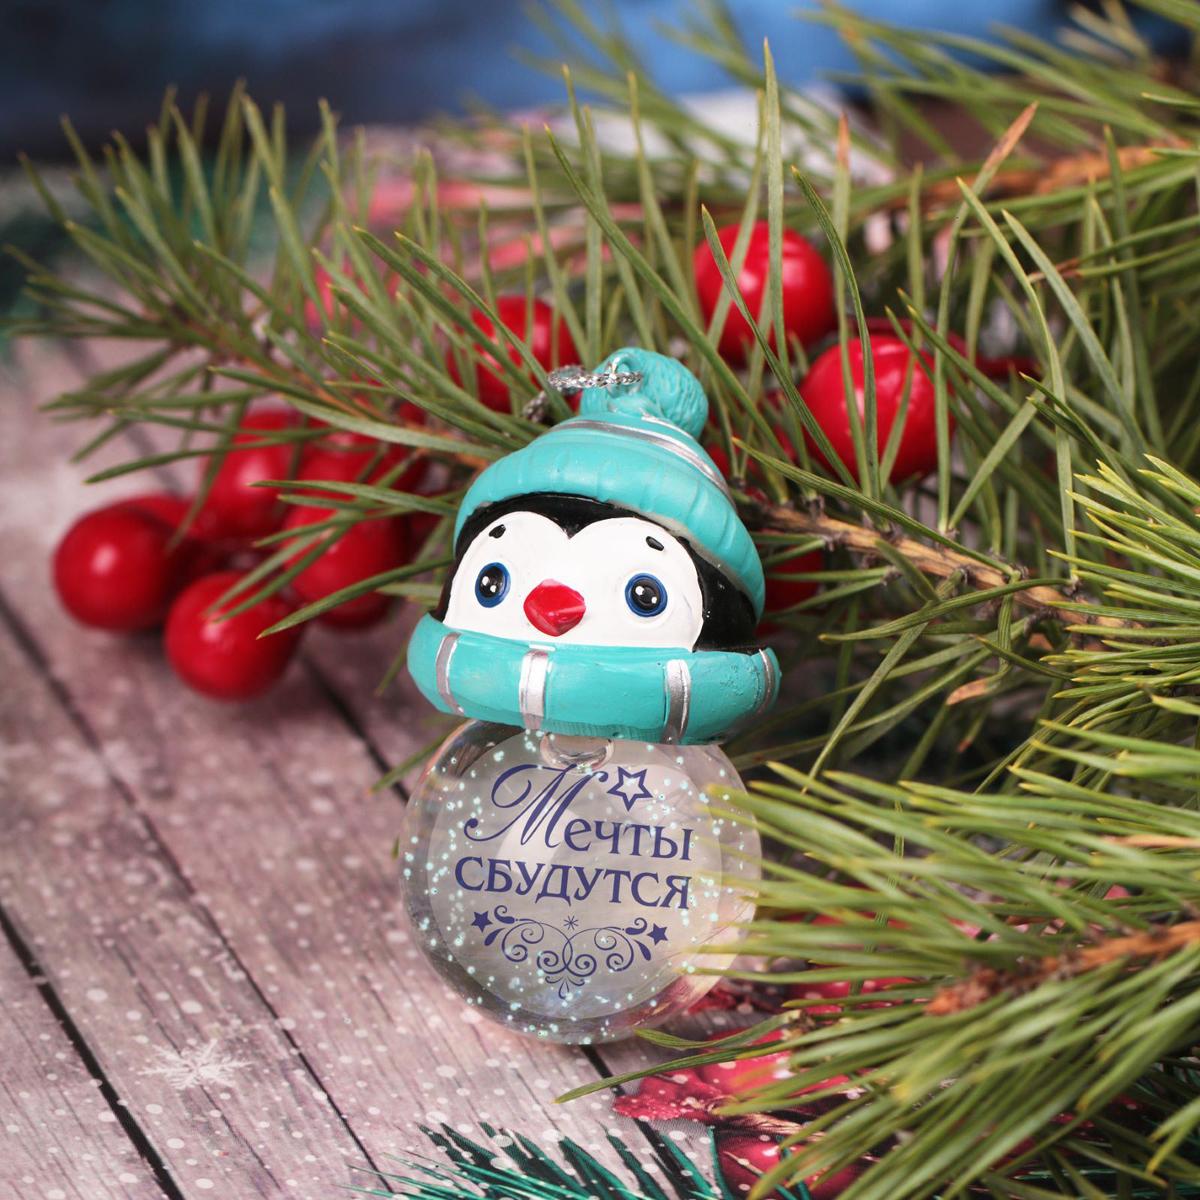 Новогоднее подвесное украшение Sima-land Мечты сбудутся, светящееся, 6,3 см новогоднее подвесное украшение sima land удачи в новом году светящееся 6 3 см